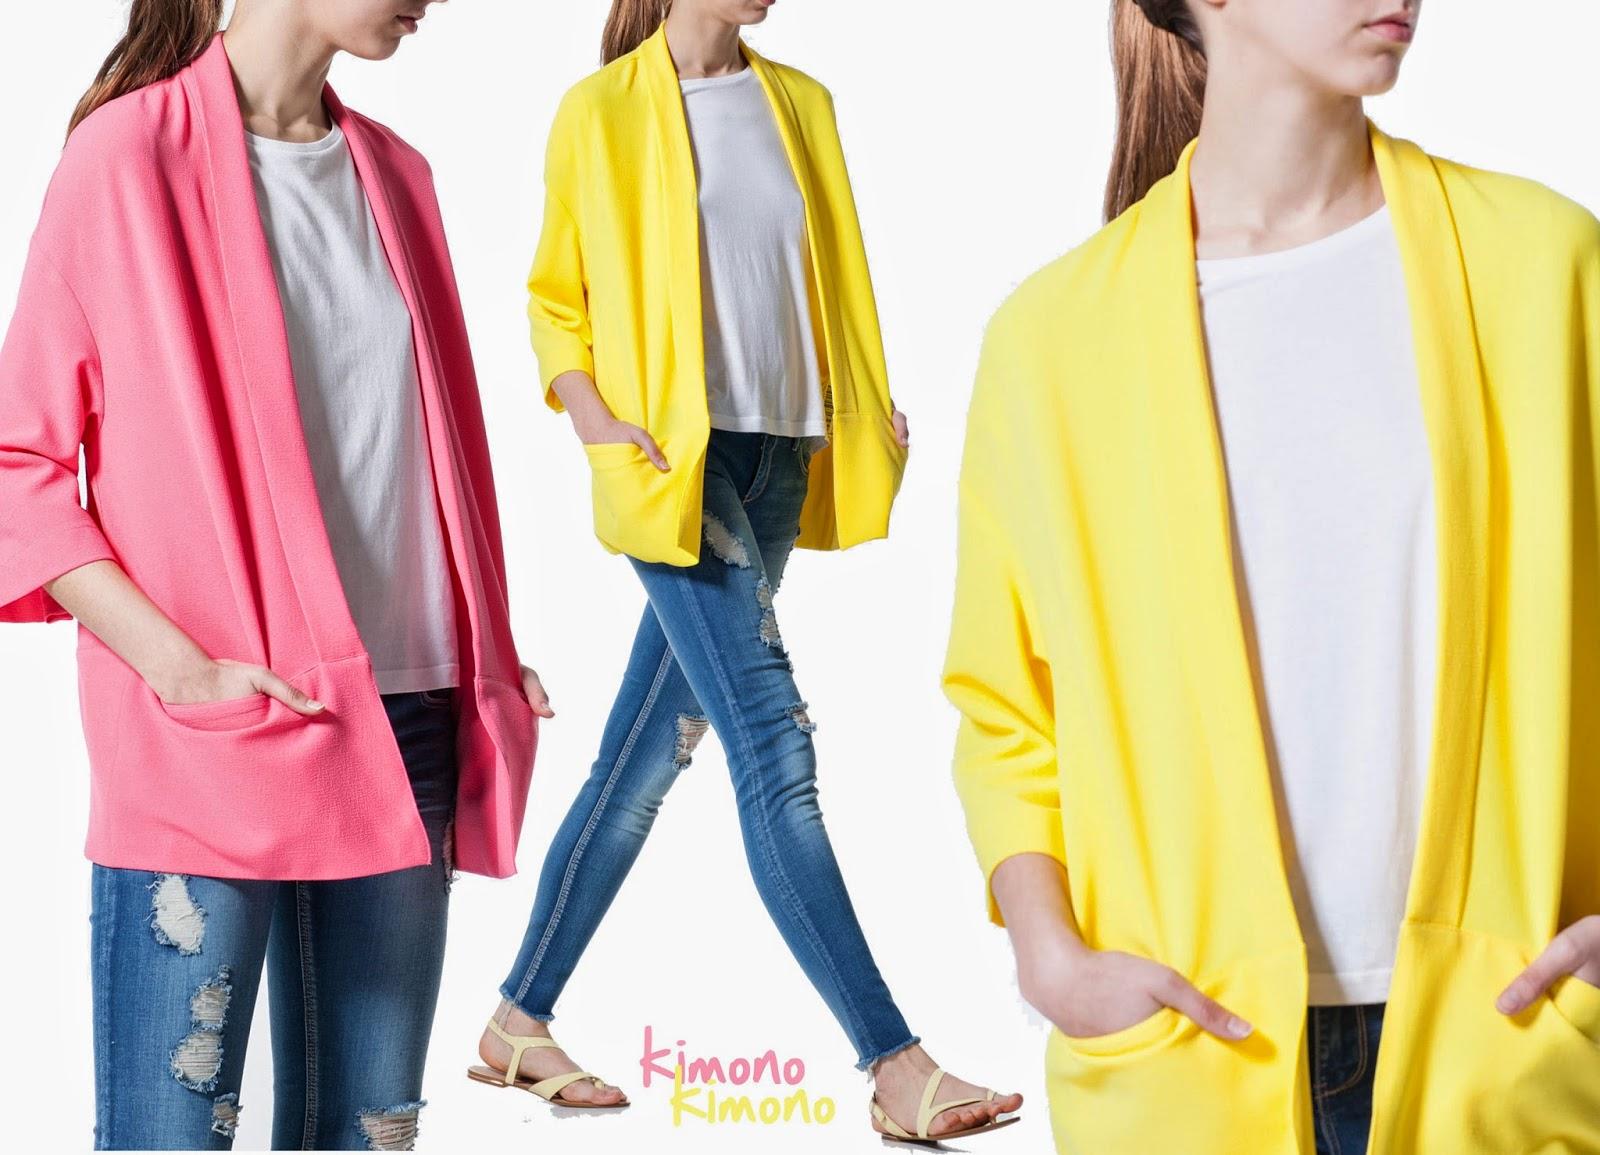 photo-stradivarius-nueva-web-kimono-amarillo-fucsia